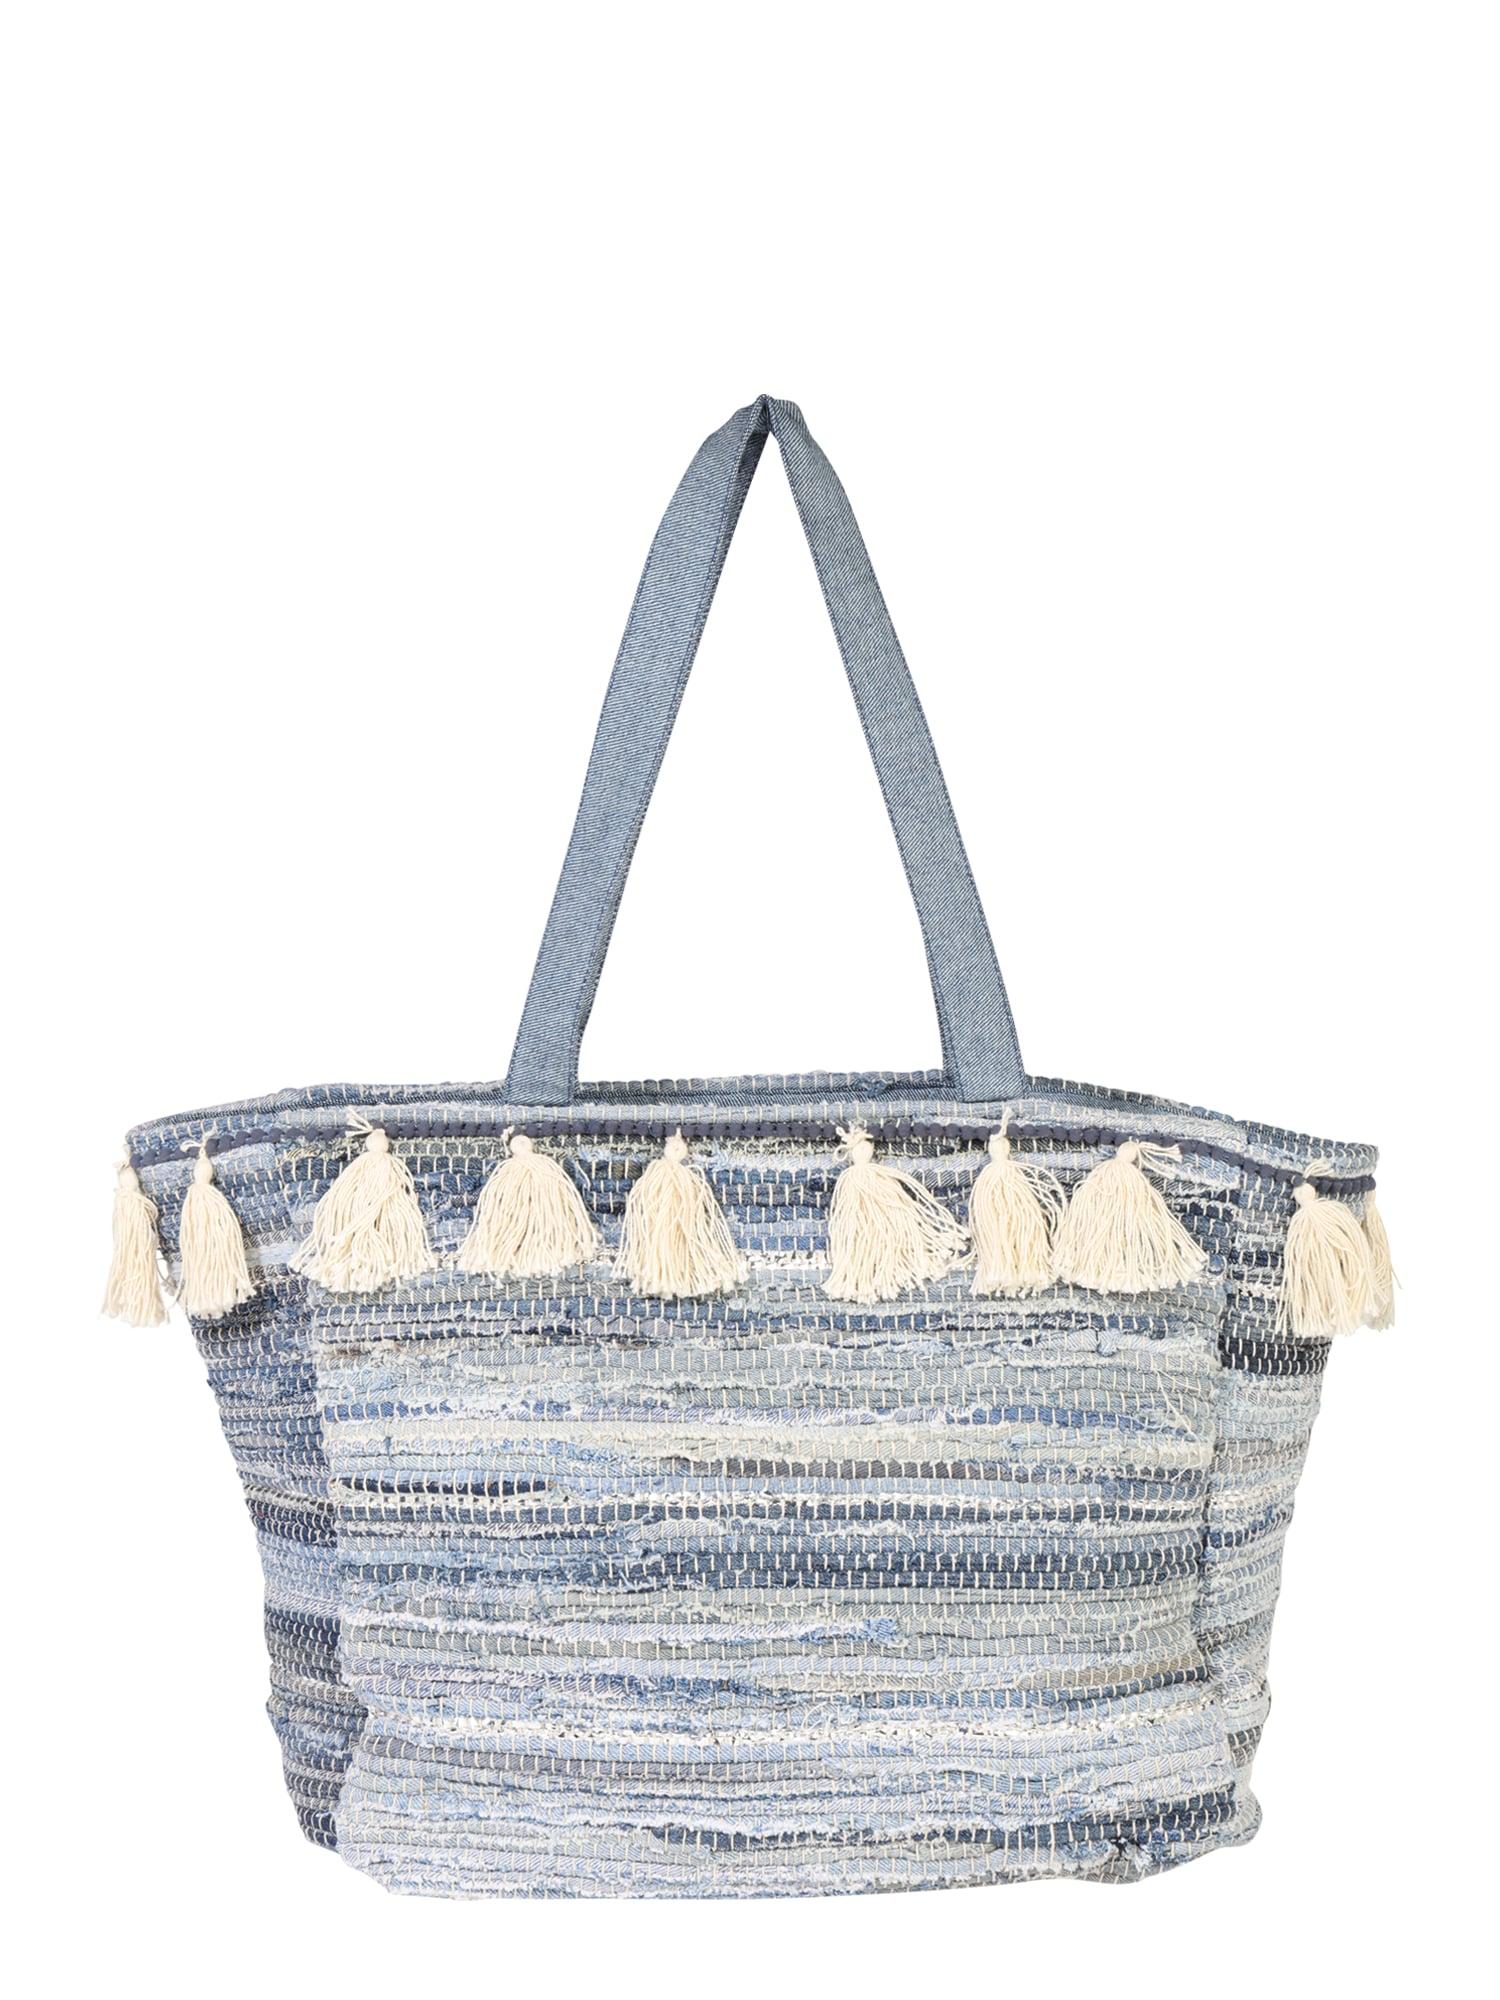 Damen Amuse Society Handtasche PERMANENT VACATION blau | 00888550925833